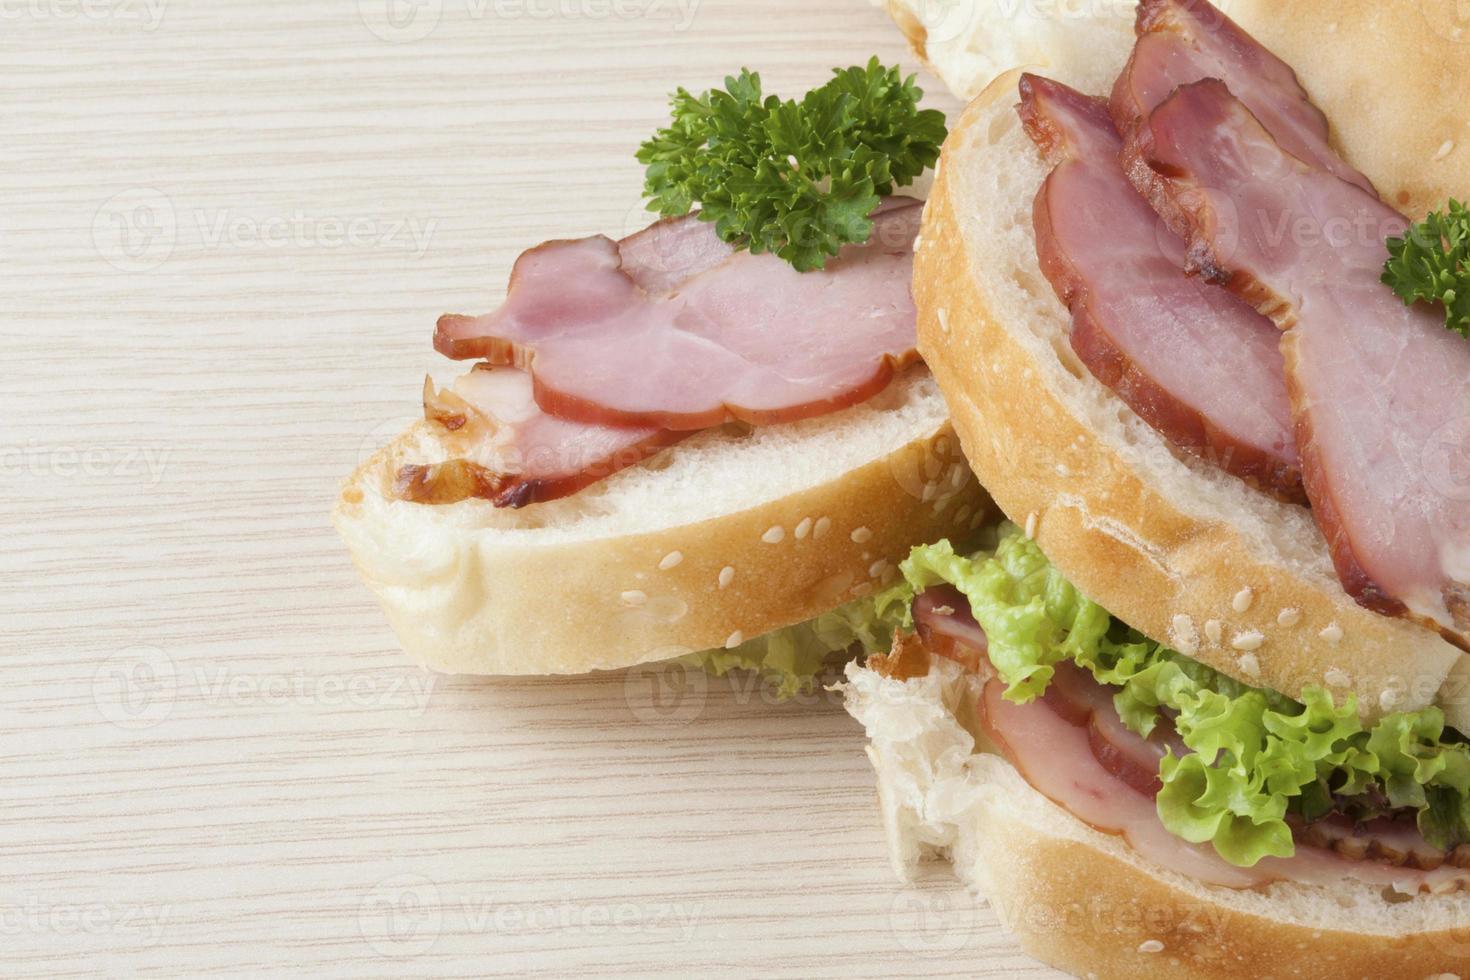 heerlijk uitziende ham en sla sandwitch, close-up foto